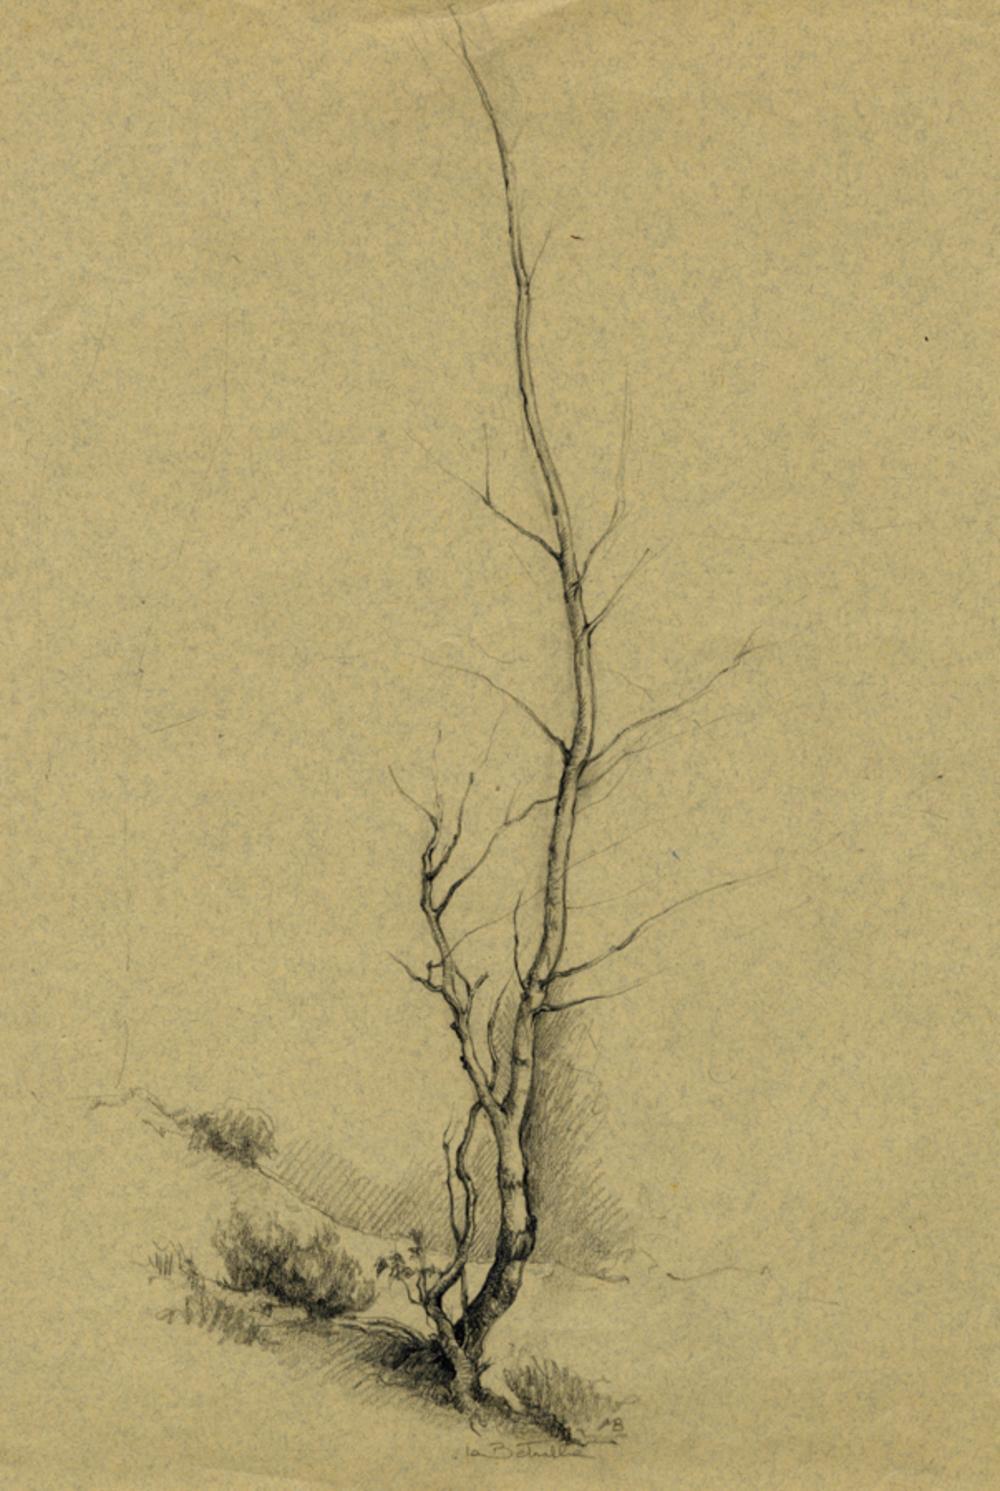 Marcello Boglione, Lotto composto di 5 disegni.